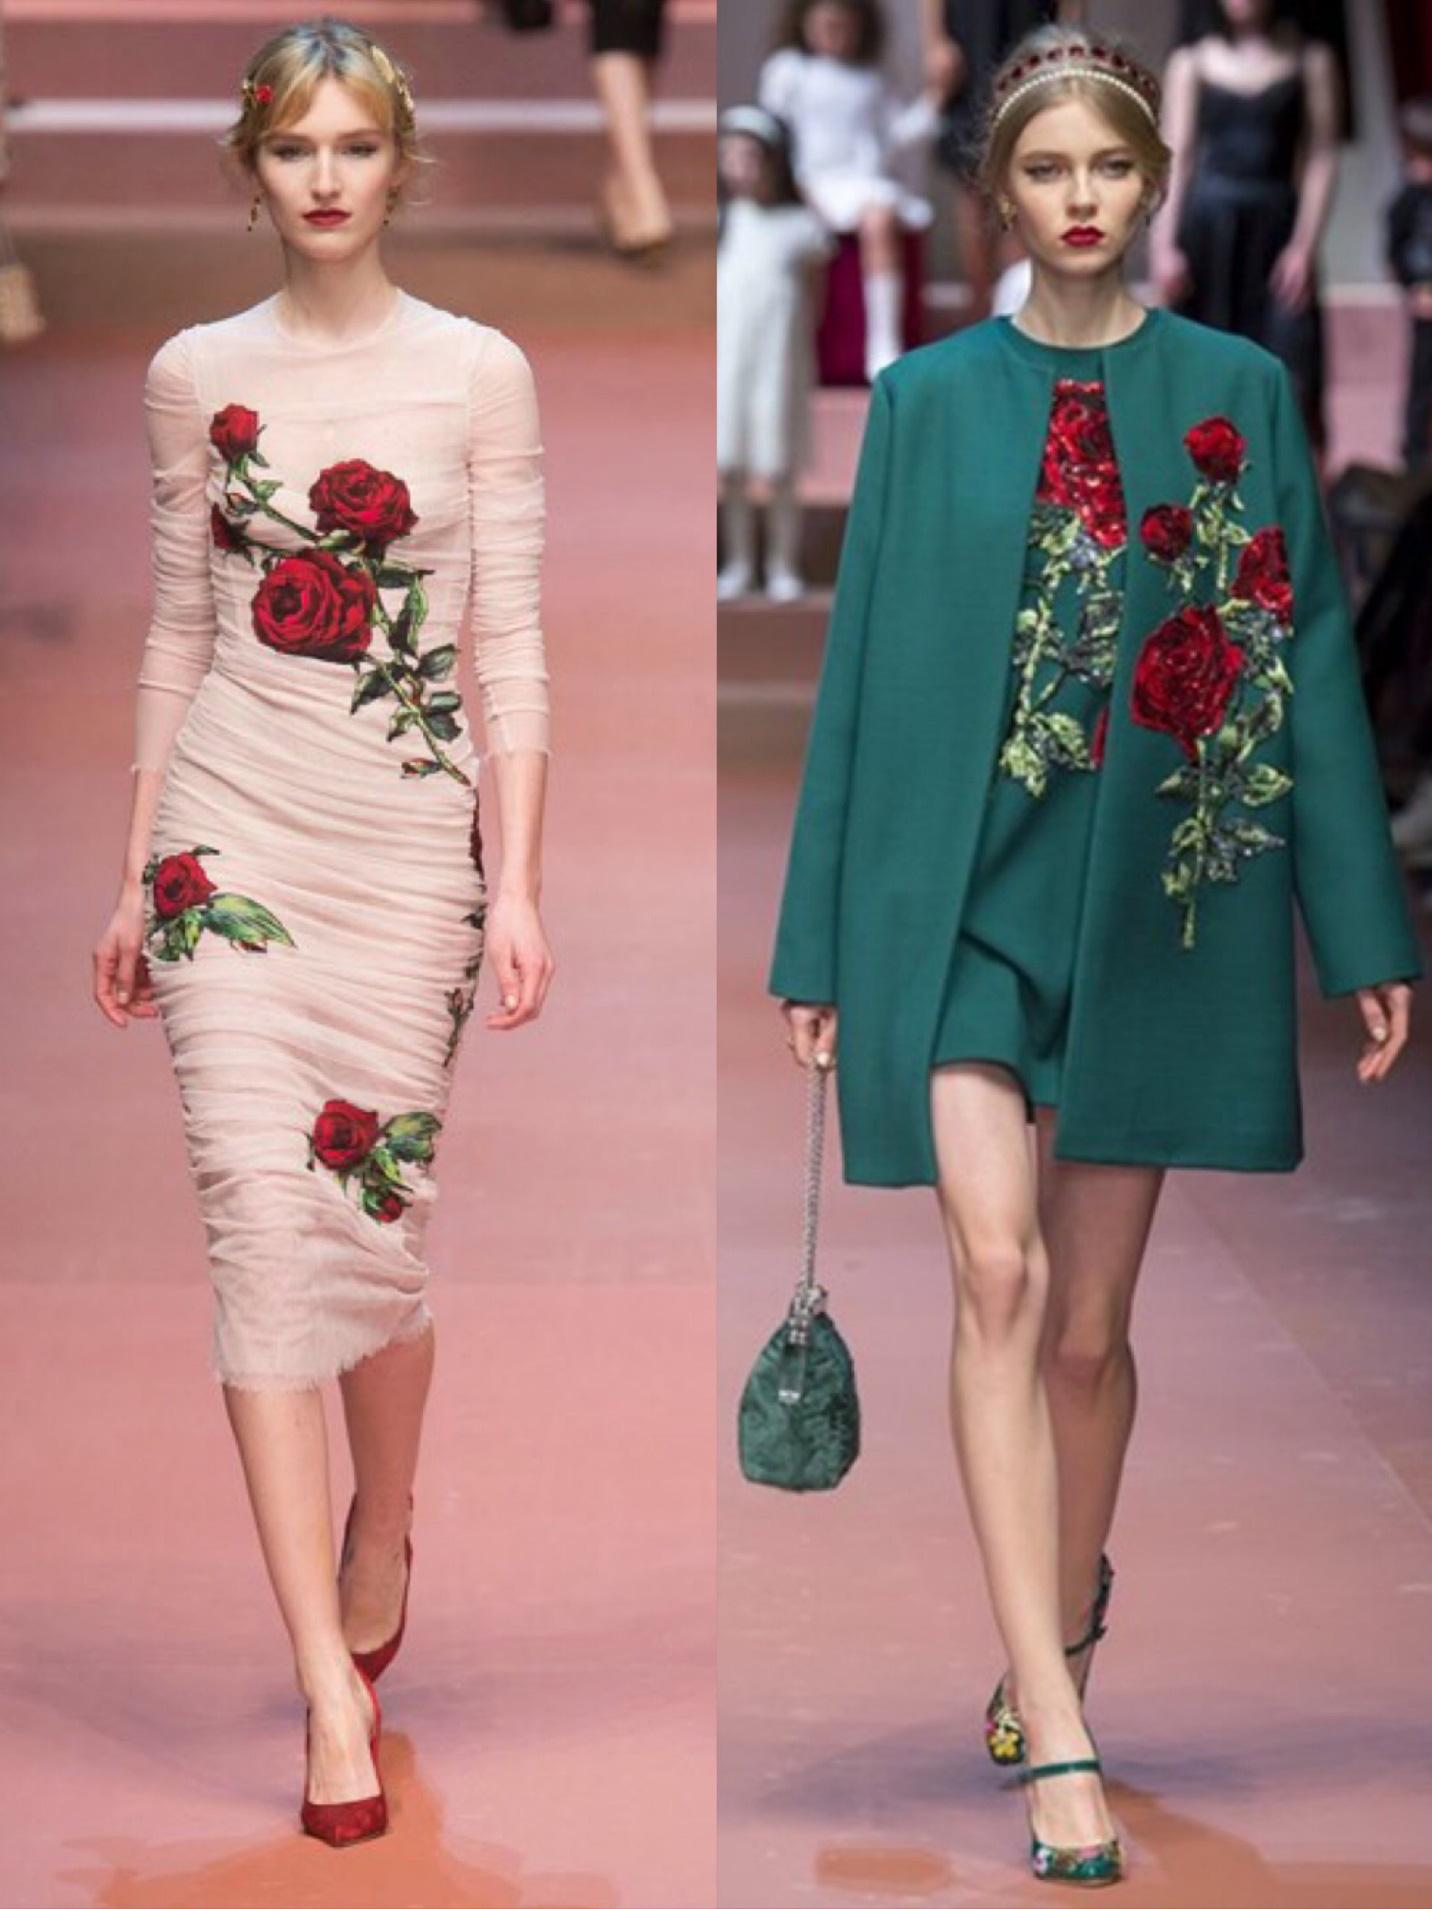 Cảm hứng hoa hồng trong những bộ sưu tập thời trang kinh điển - Ảnh 1.